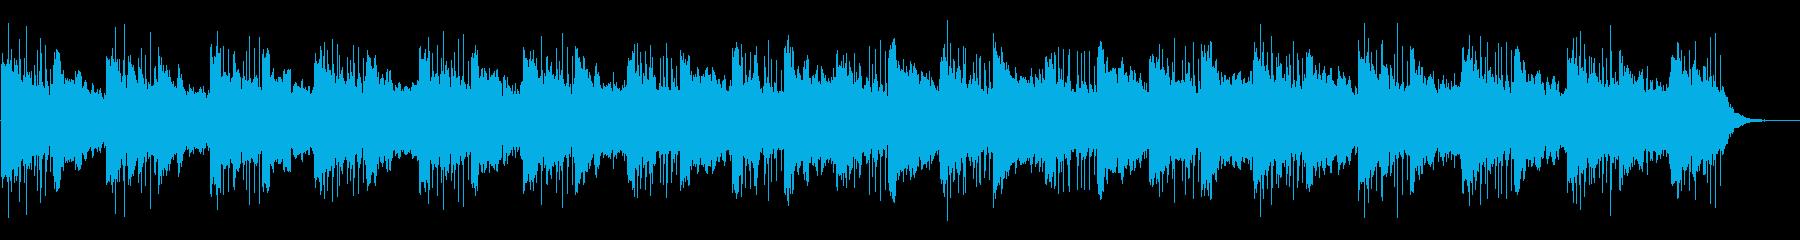 【リズム抜】テクノロジー/爽やかな解説の再生済みの波形